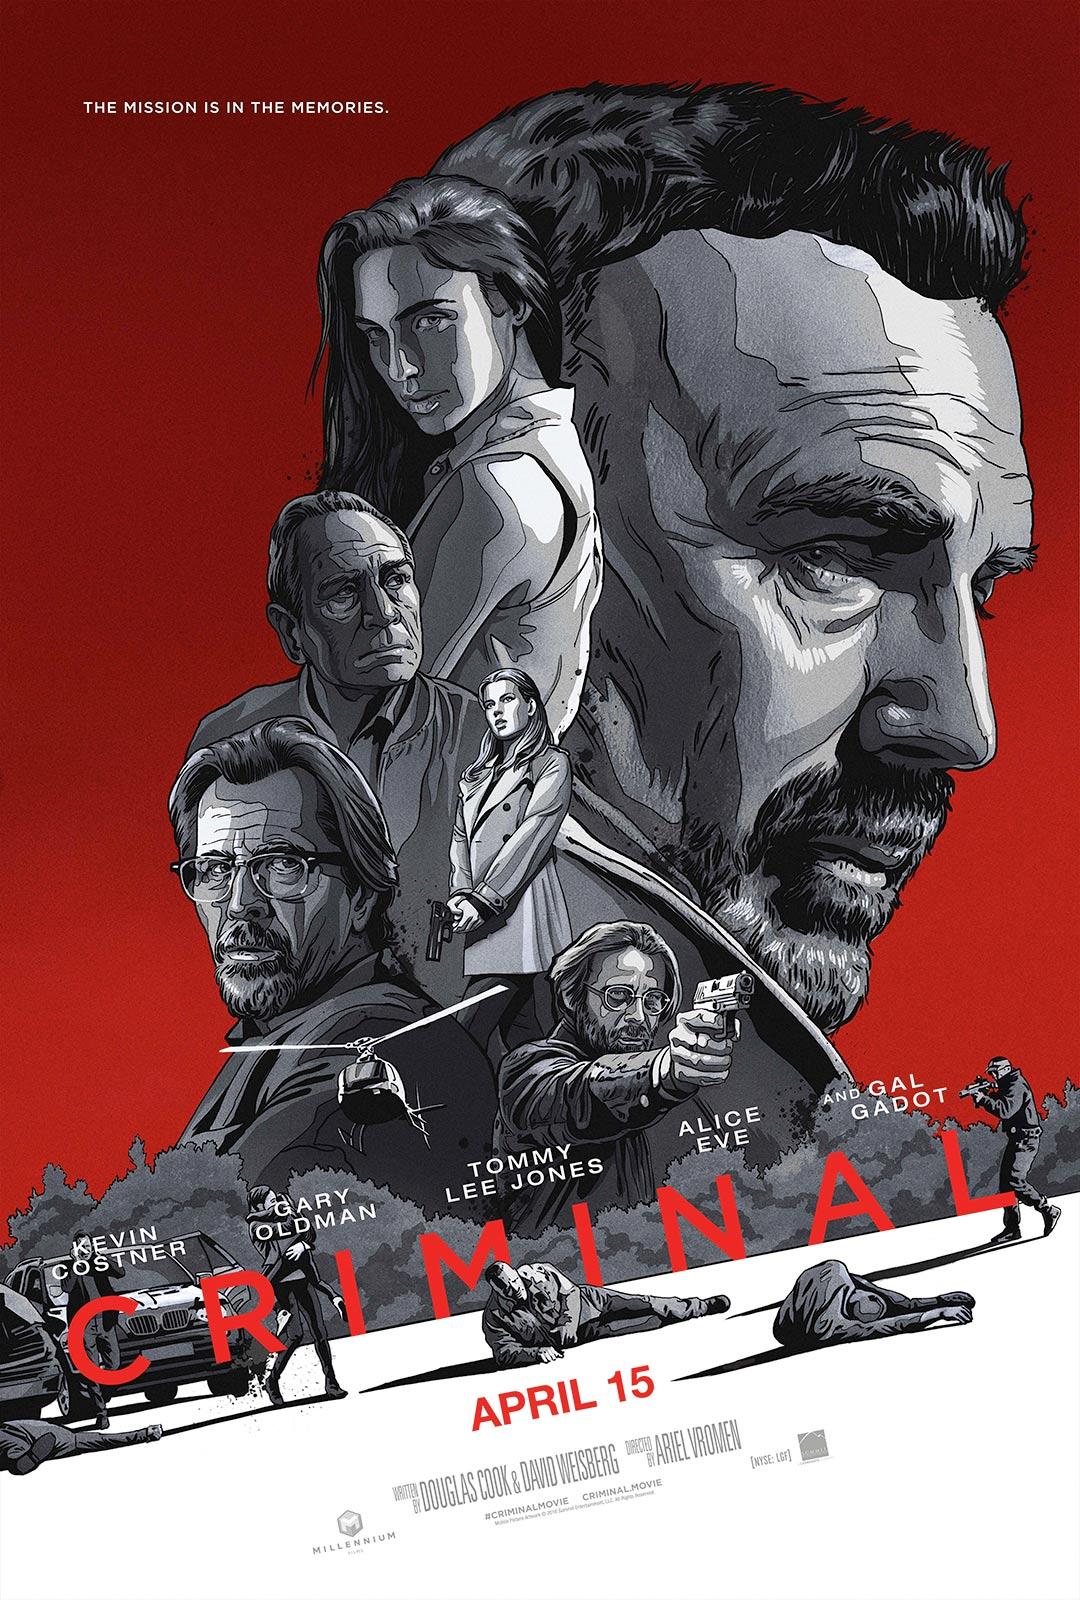 Criminal Poster #7